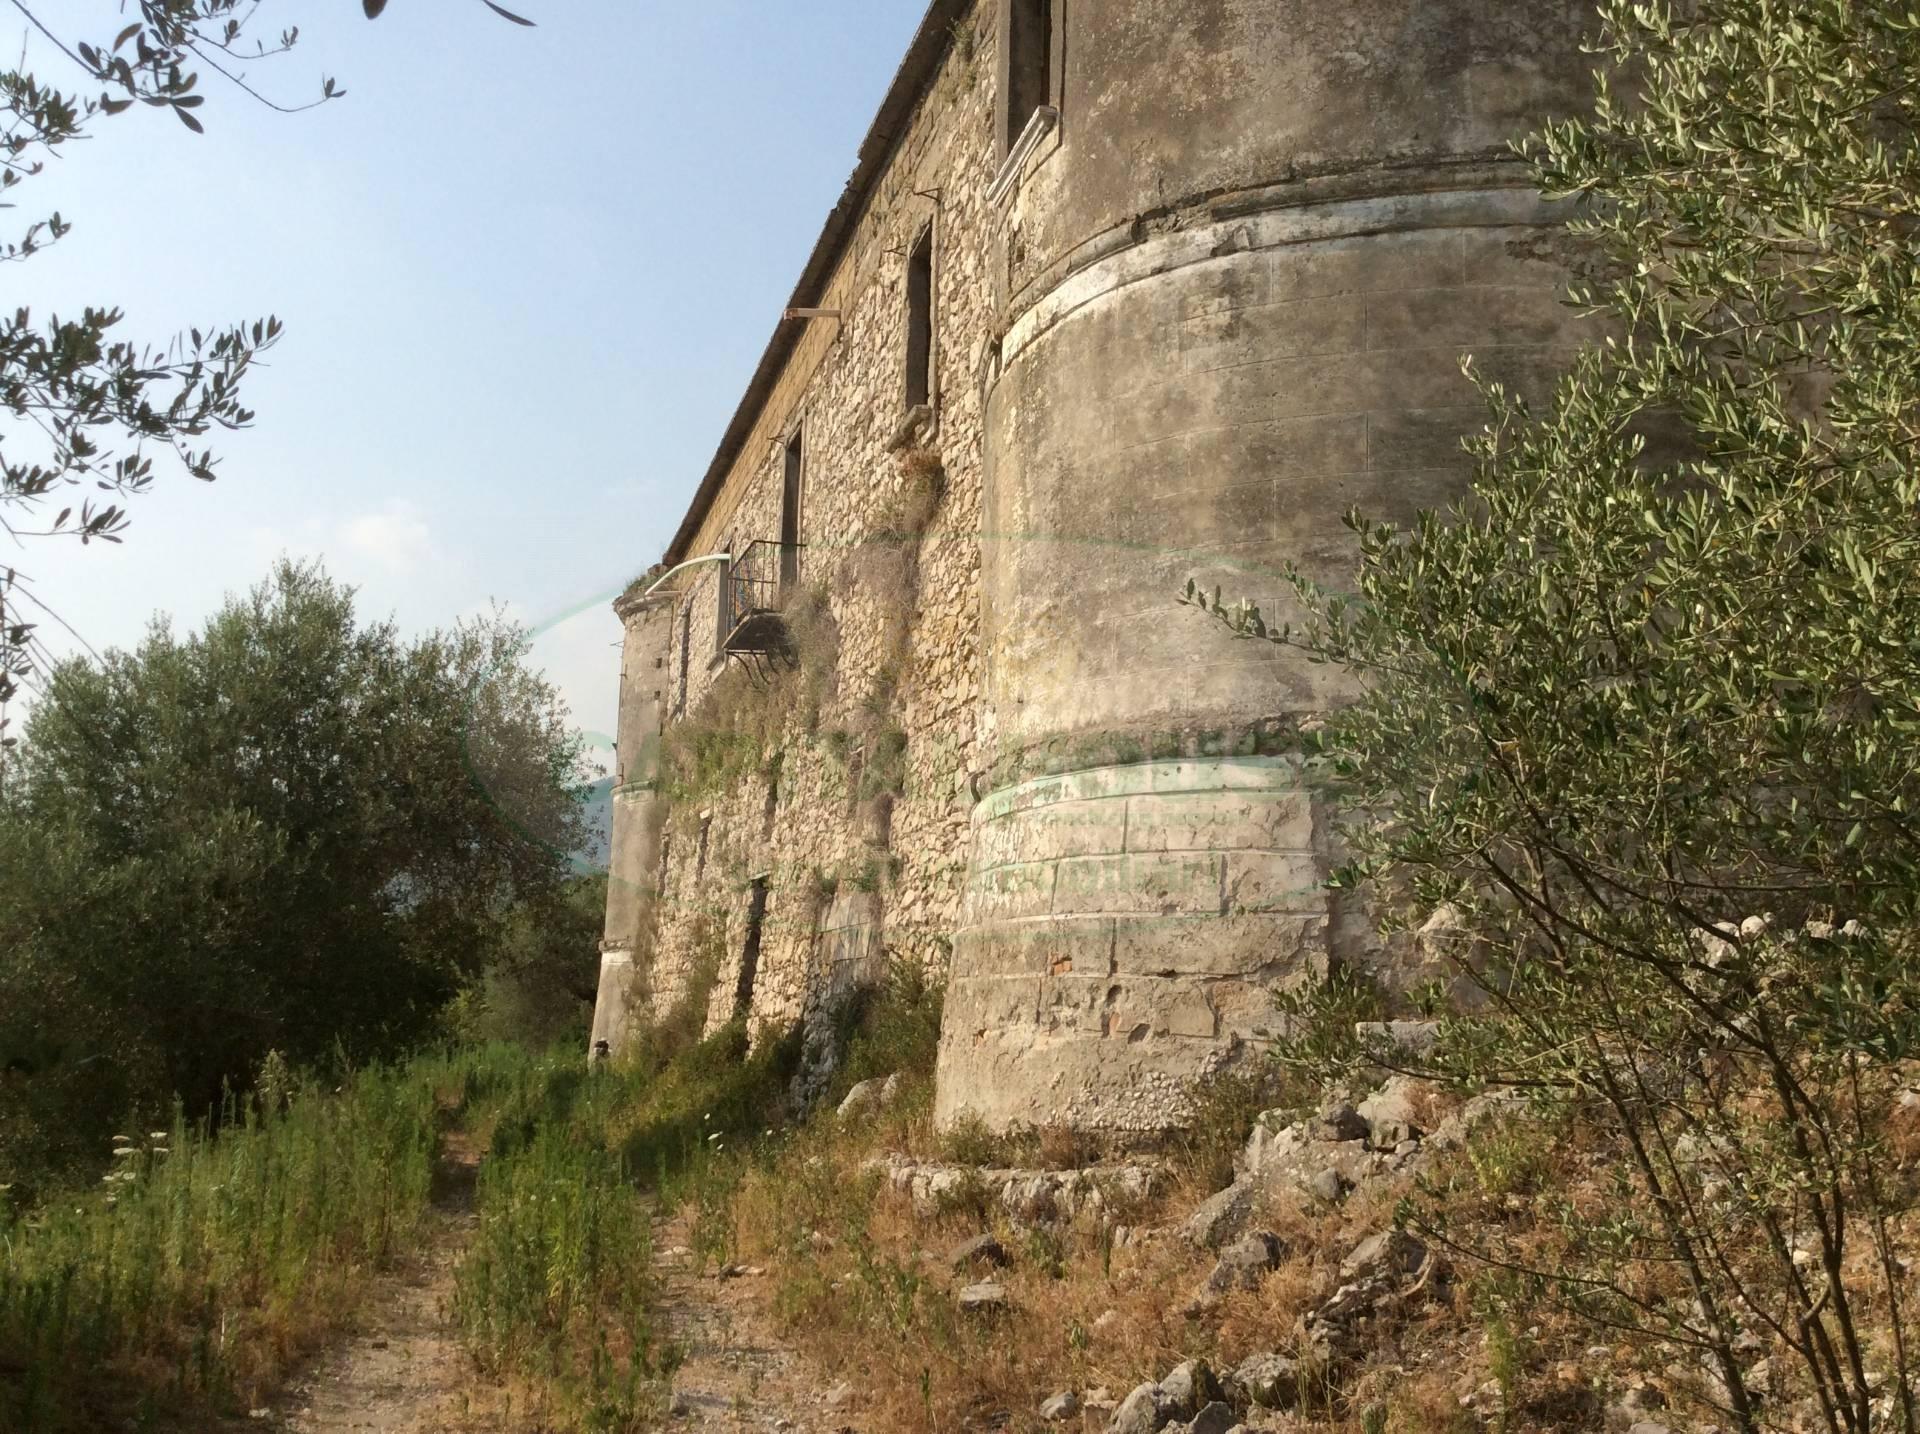 Terreno Agricolo in vendita a Mugnano del Cardinale, 9999 locali, Trattative riservate | Cambio Casa.it